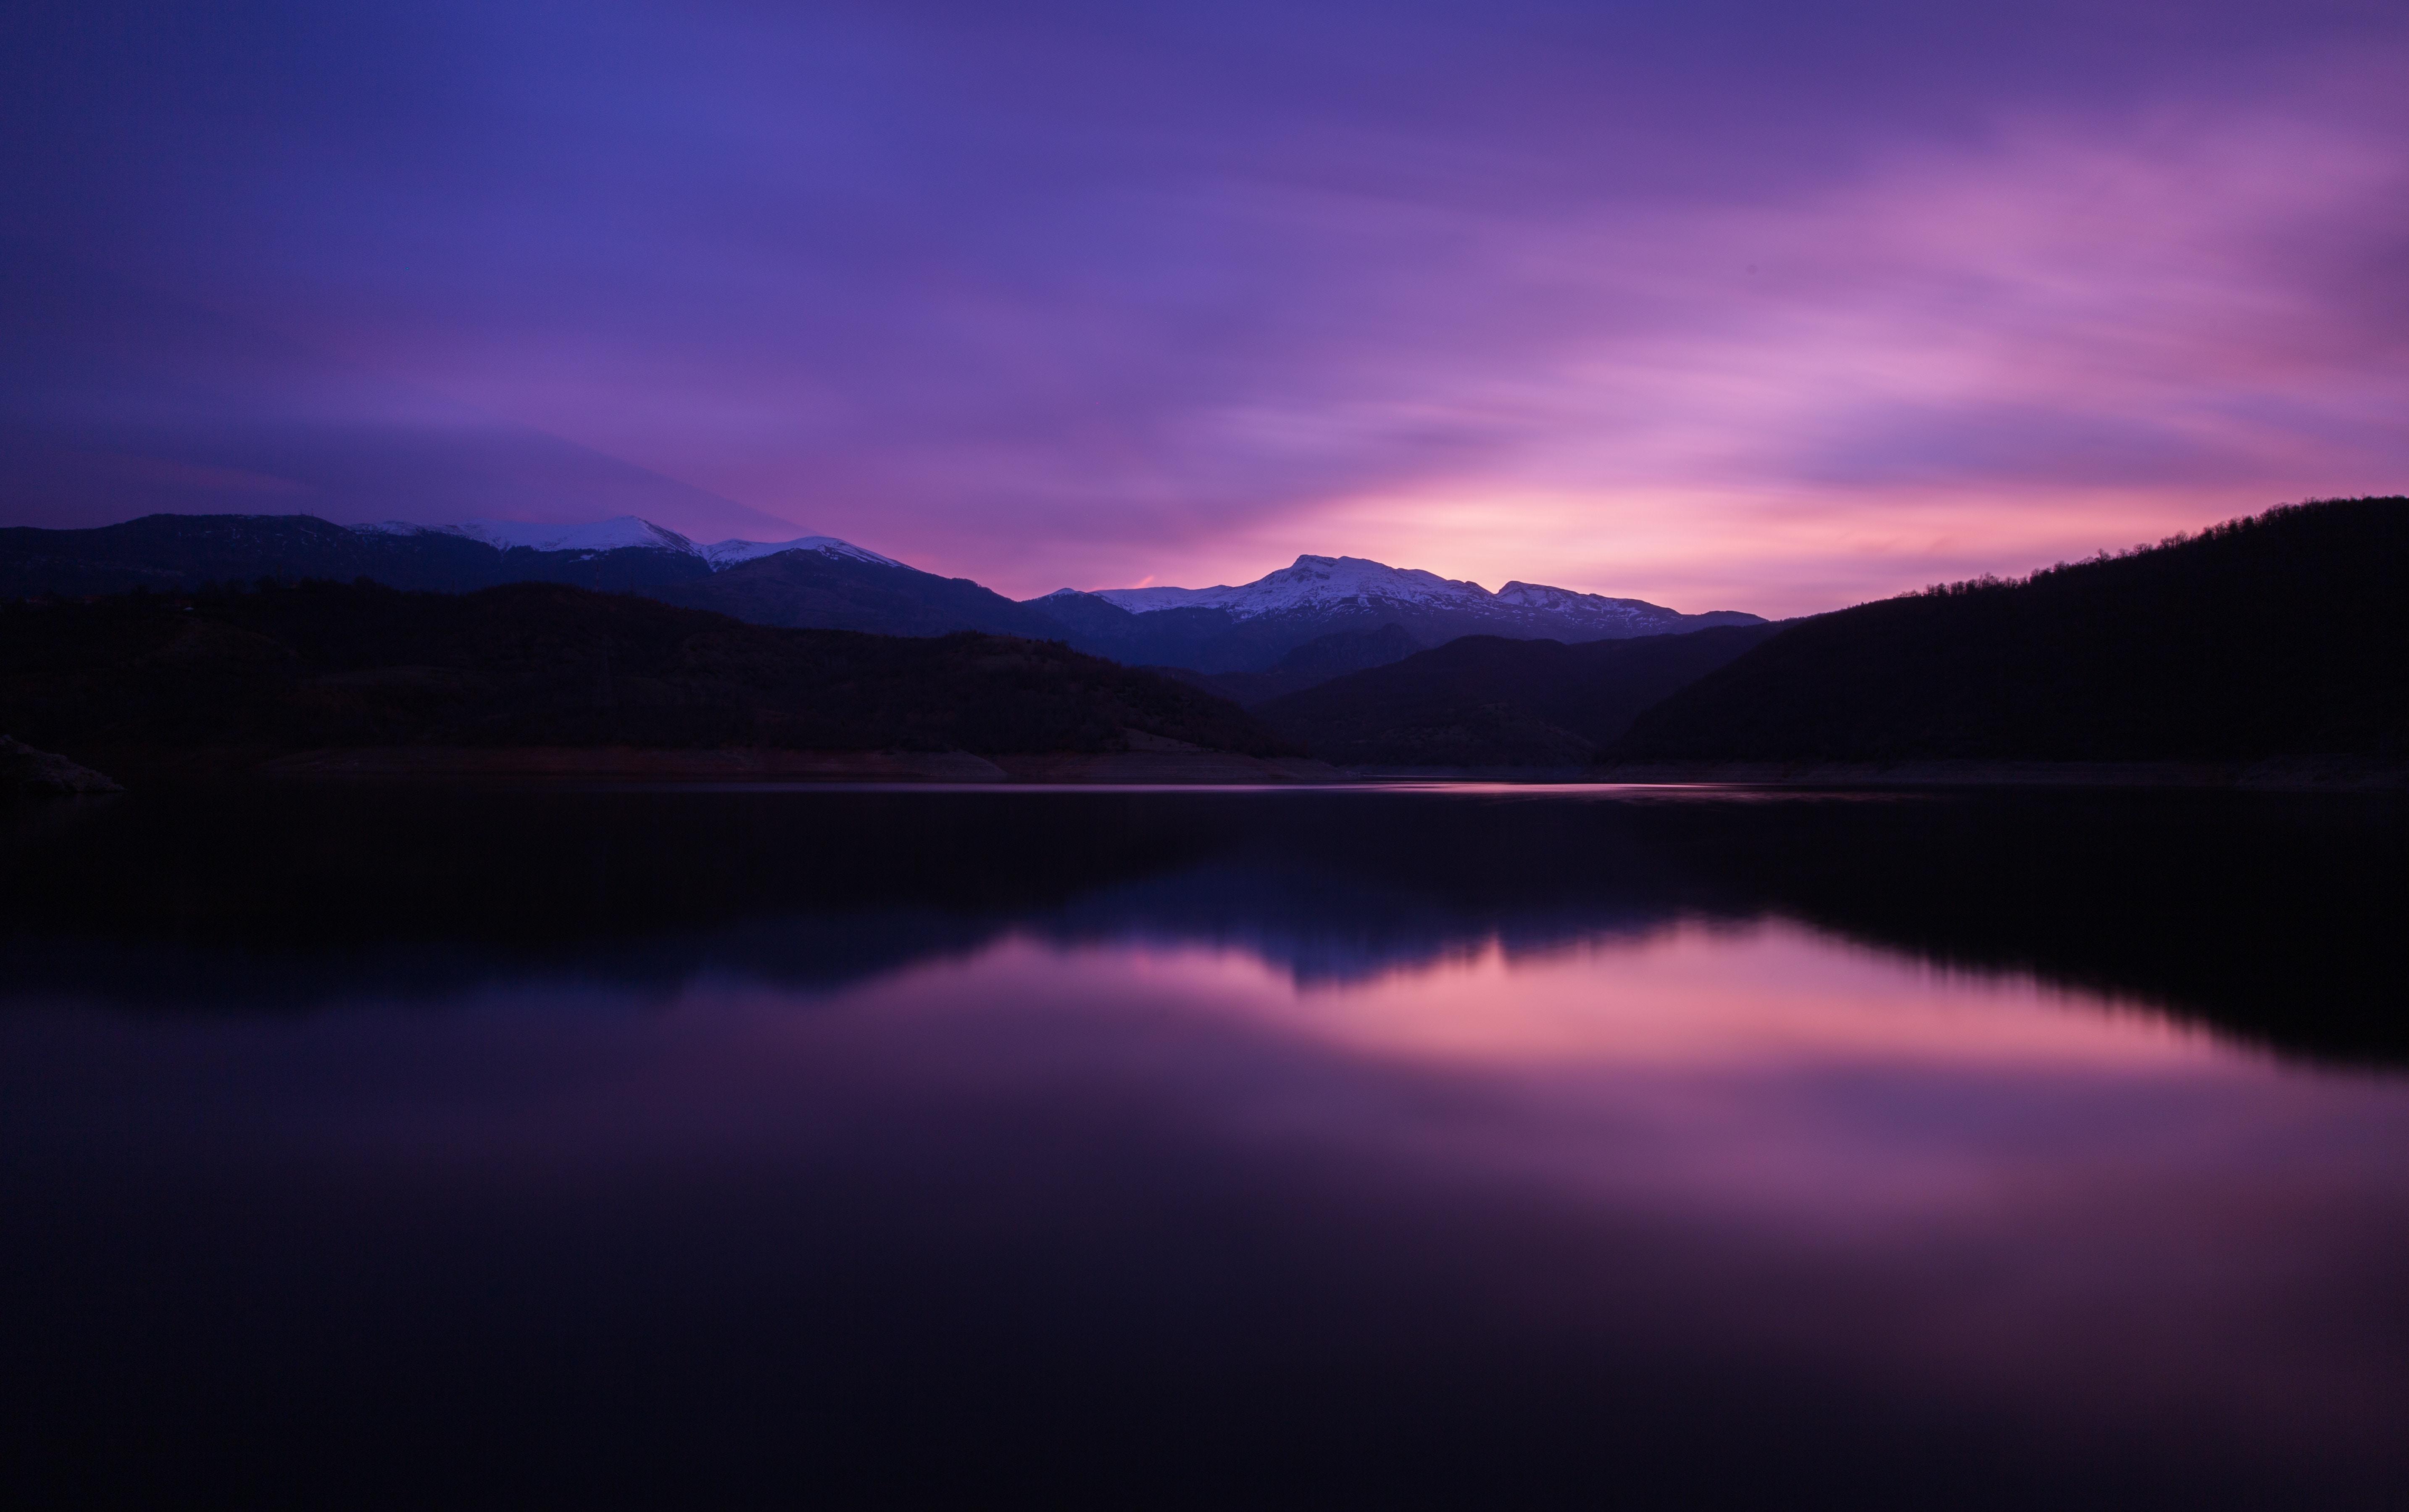 Mountain Lake Night Reflection 5k Hd Nature 4k